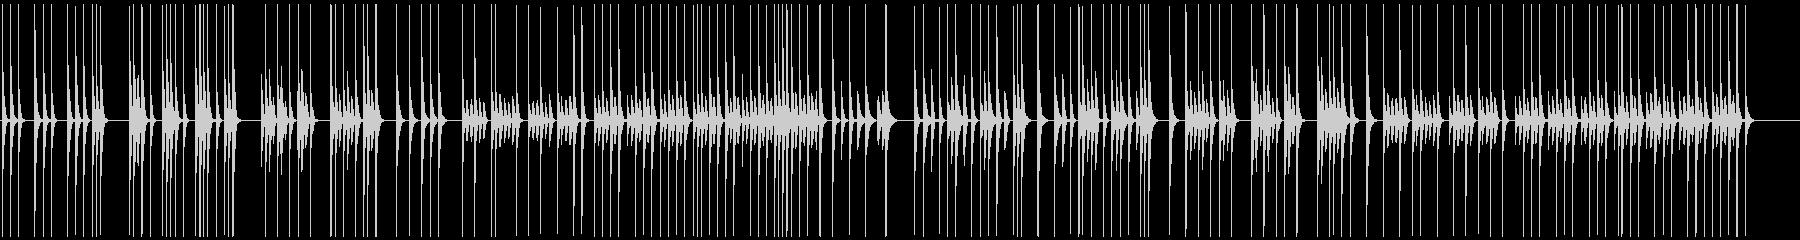 素朴にリズミカルな動き映像にほのぼの軽快の未再生の波形